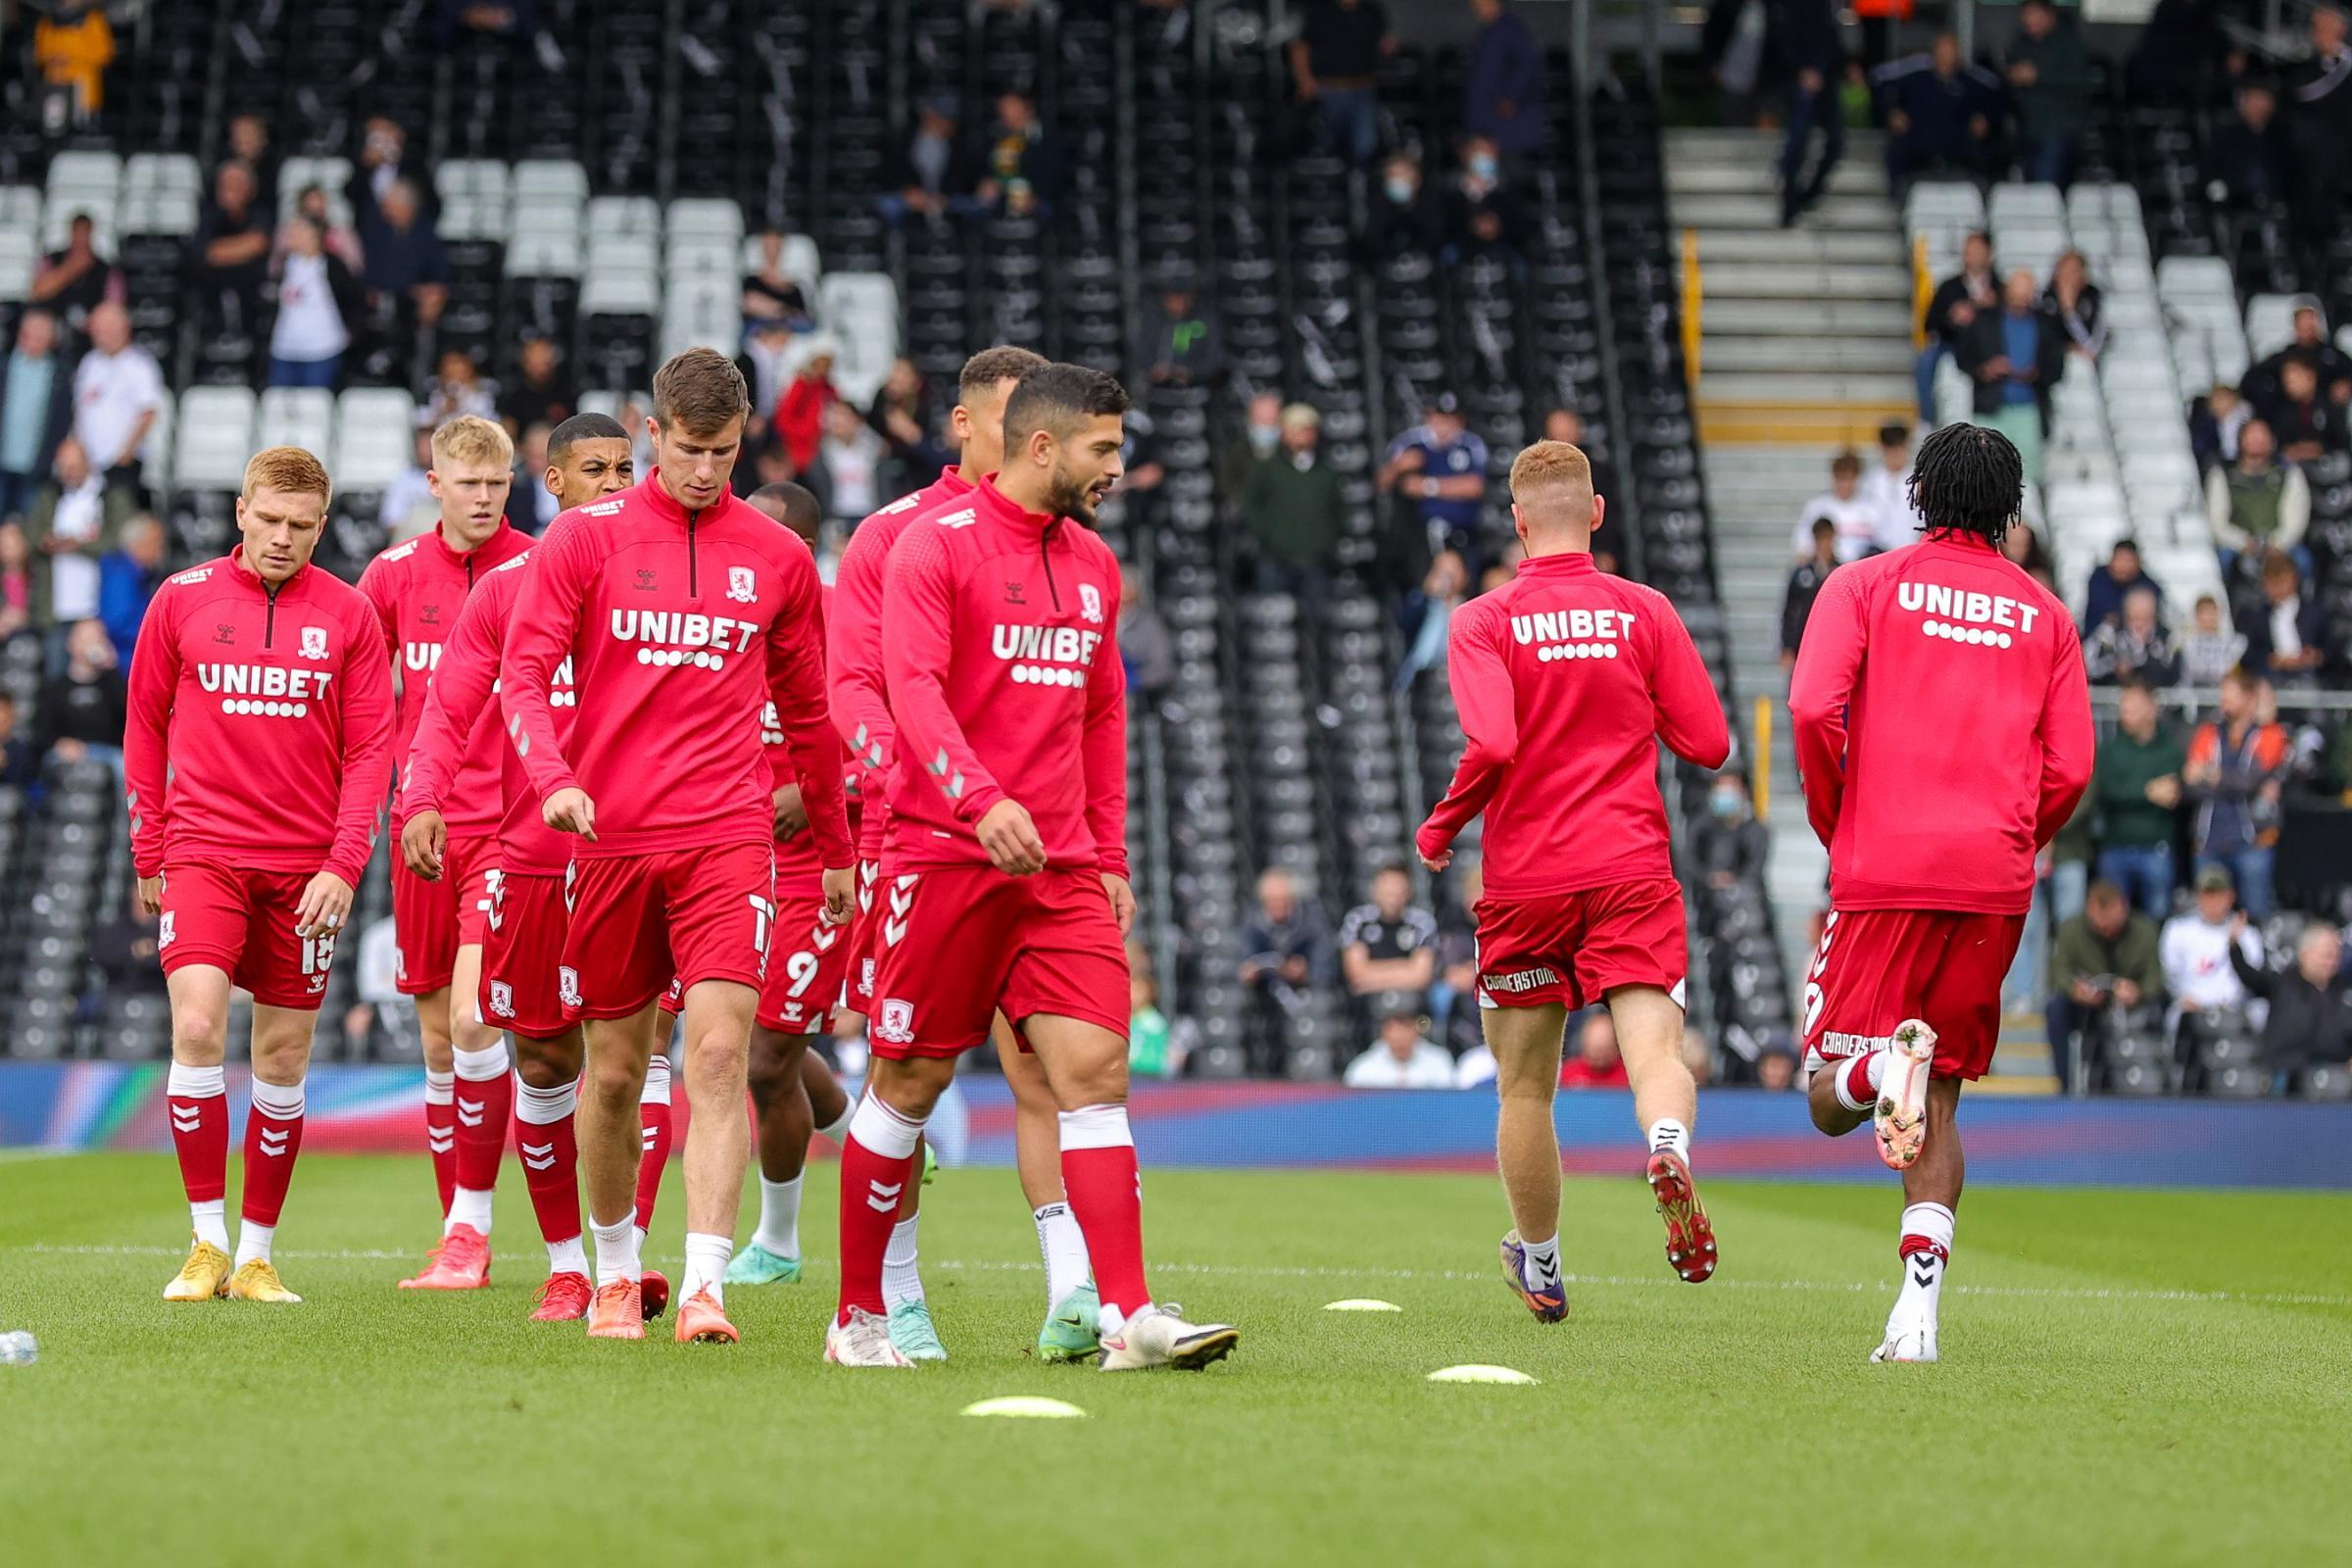 LIVE BLOG: Fulham 0-0 Middlesbrough (Championship)